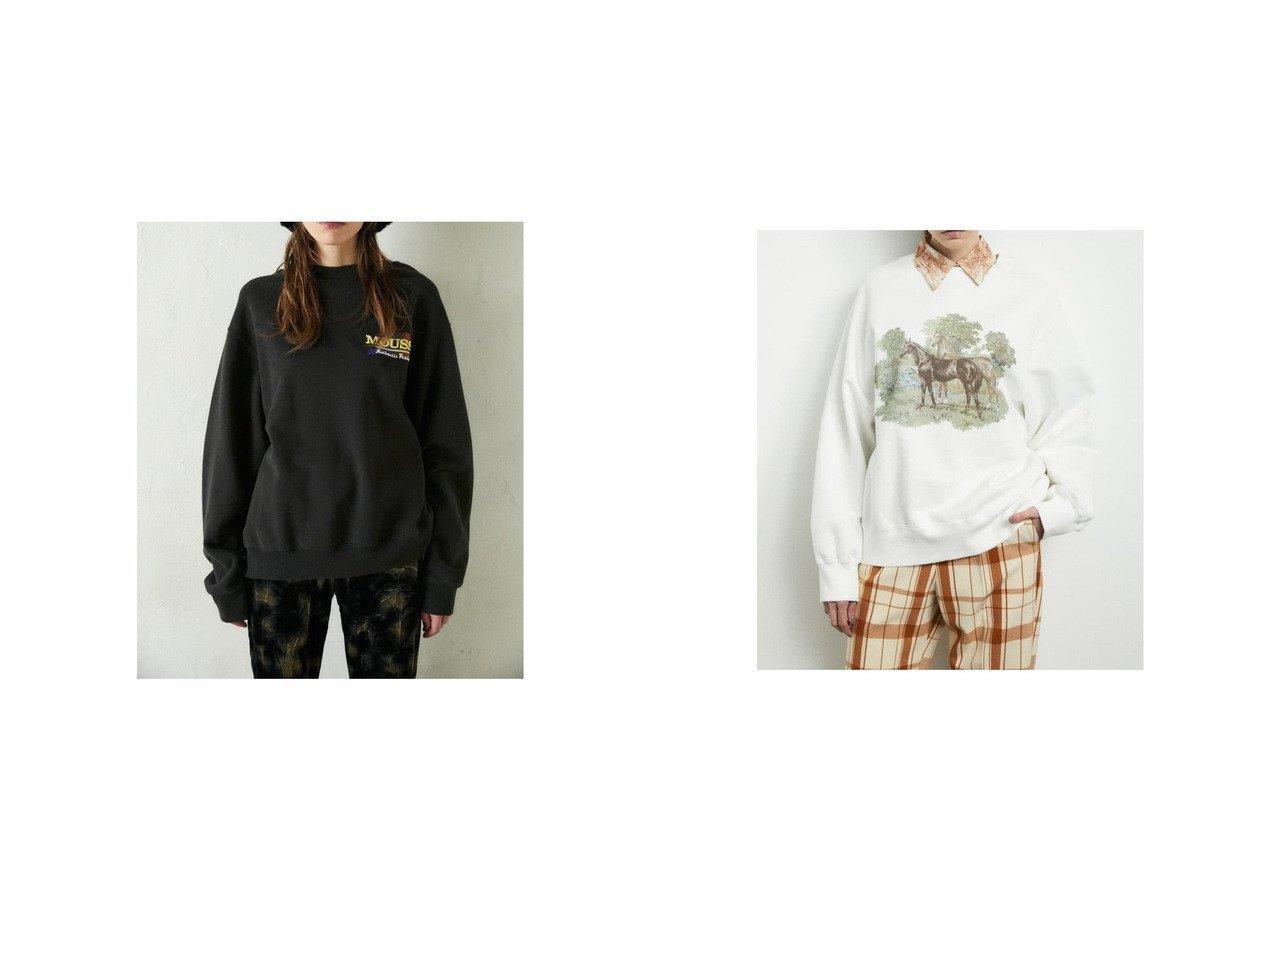 【moussy/マウジー】のMOUSSY AUTHENTIC プルオーバー&COUNTRY LANDSCAPE プルオーバー moussyのおすすめ!人気、トレンド・レディースファッションの通販 おすすめで人気の流行・トレンド、ファッションの通販商品 メンズファッション・キッズファッション・インテリア・家具・レディースファッション・服の通販 founy(ファニー) https://founy.com/ ファッション Fashion レディースファッション WOMEN トップス Tops Tshirt プルオーバー Pullover 2020年 2020 2020-2021 秋冬 A/W AW Autumn/Winter / FW Fall-Winter 2020-2021 A/W 秋冬 AW Autumn/Winter / FW Fall-Winter プリント 2021年 2021 2021 春夏 S/S SS Spring/Summer 2021 S/S 春夏 SS Spring/Summer クラシカル ロング 春 Spring |ID:crp329100000019737